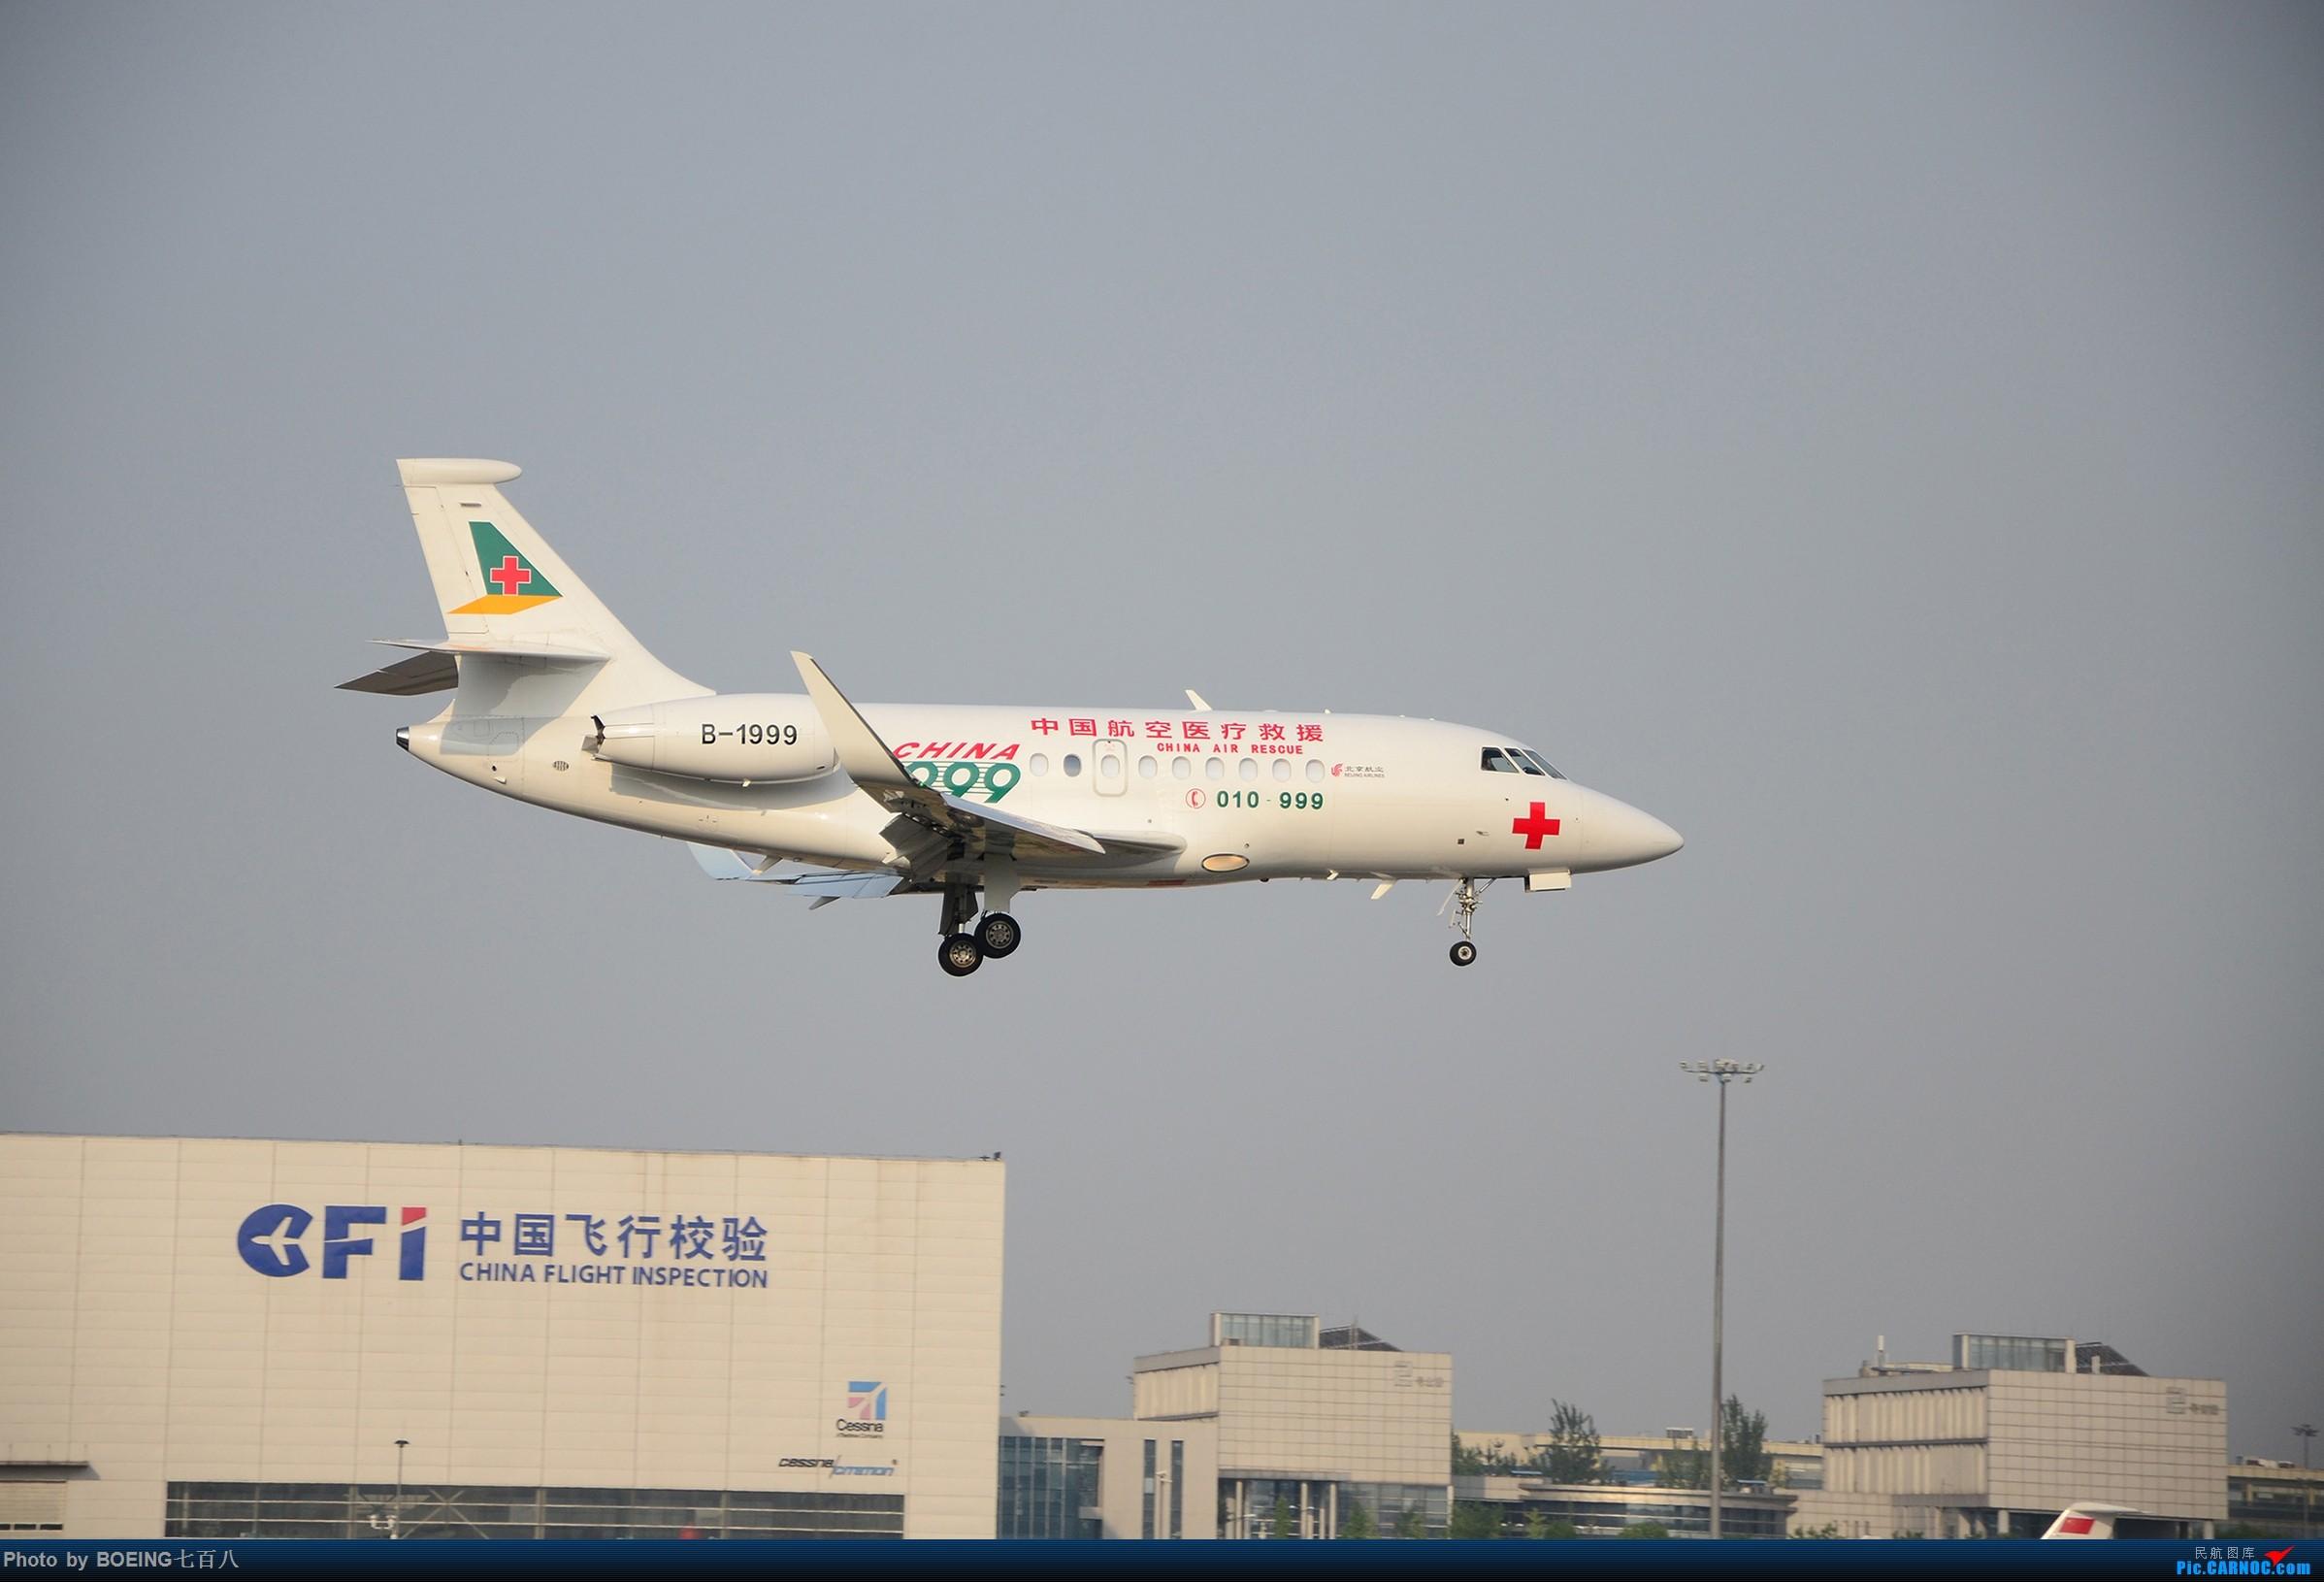 Re:[原创]海航家的黄焖熊猫和清蒸熊猫等好货 DASSAULT FALCON 2000 B-1999 中国北京首都国际机场